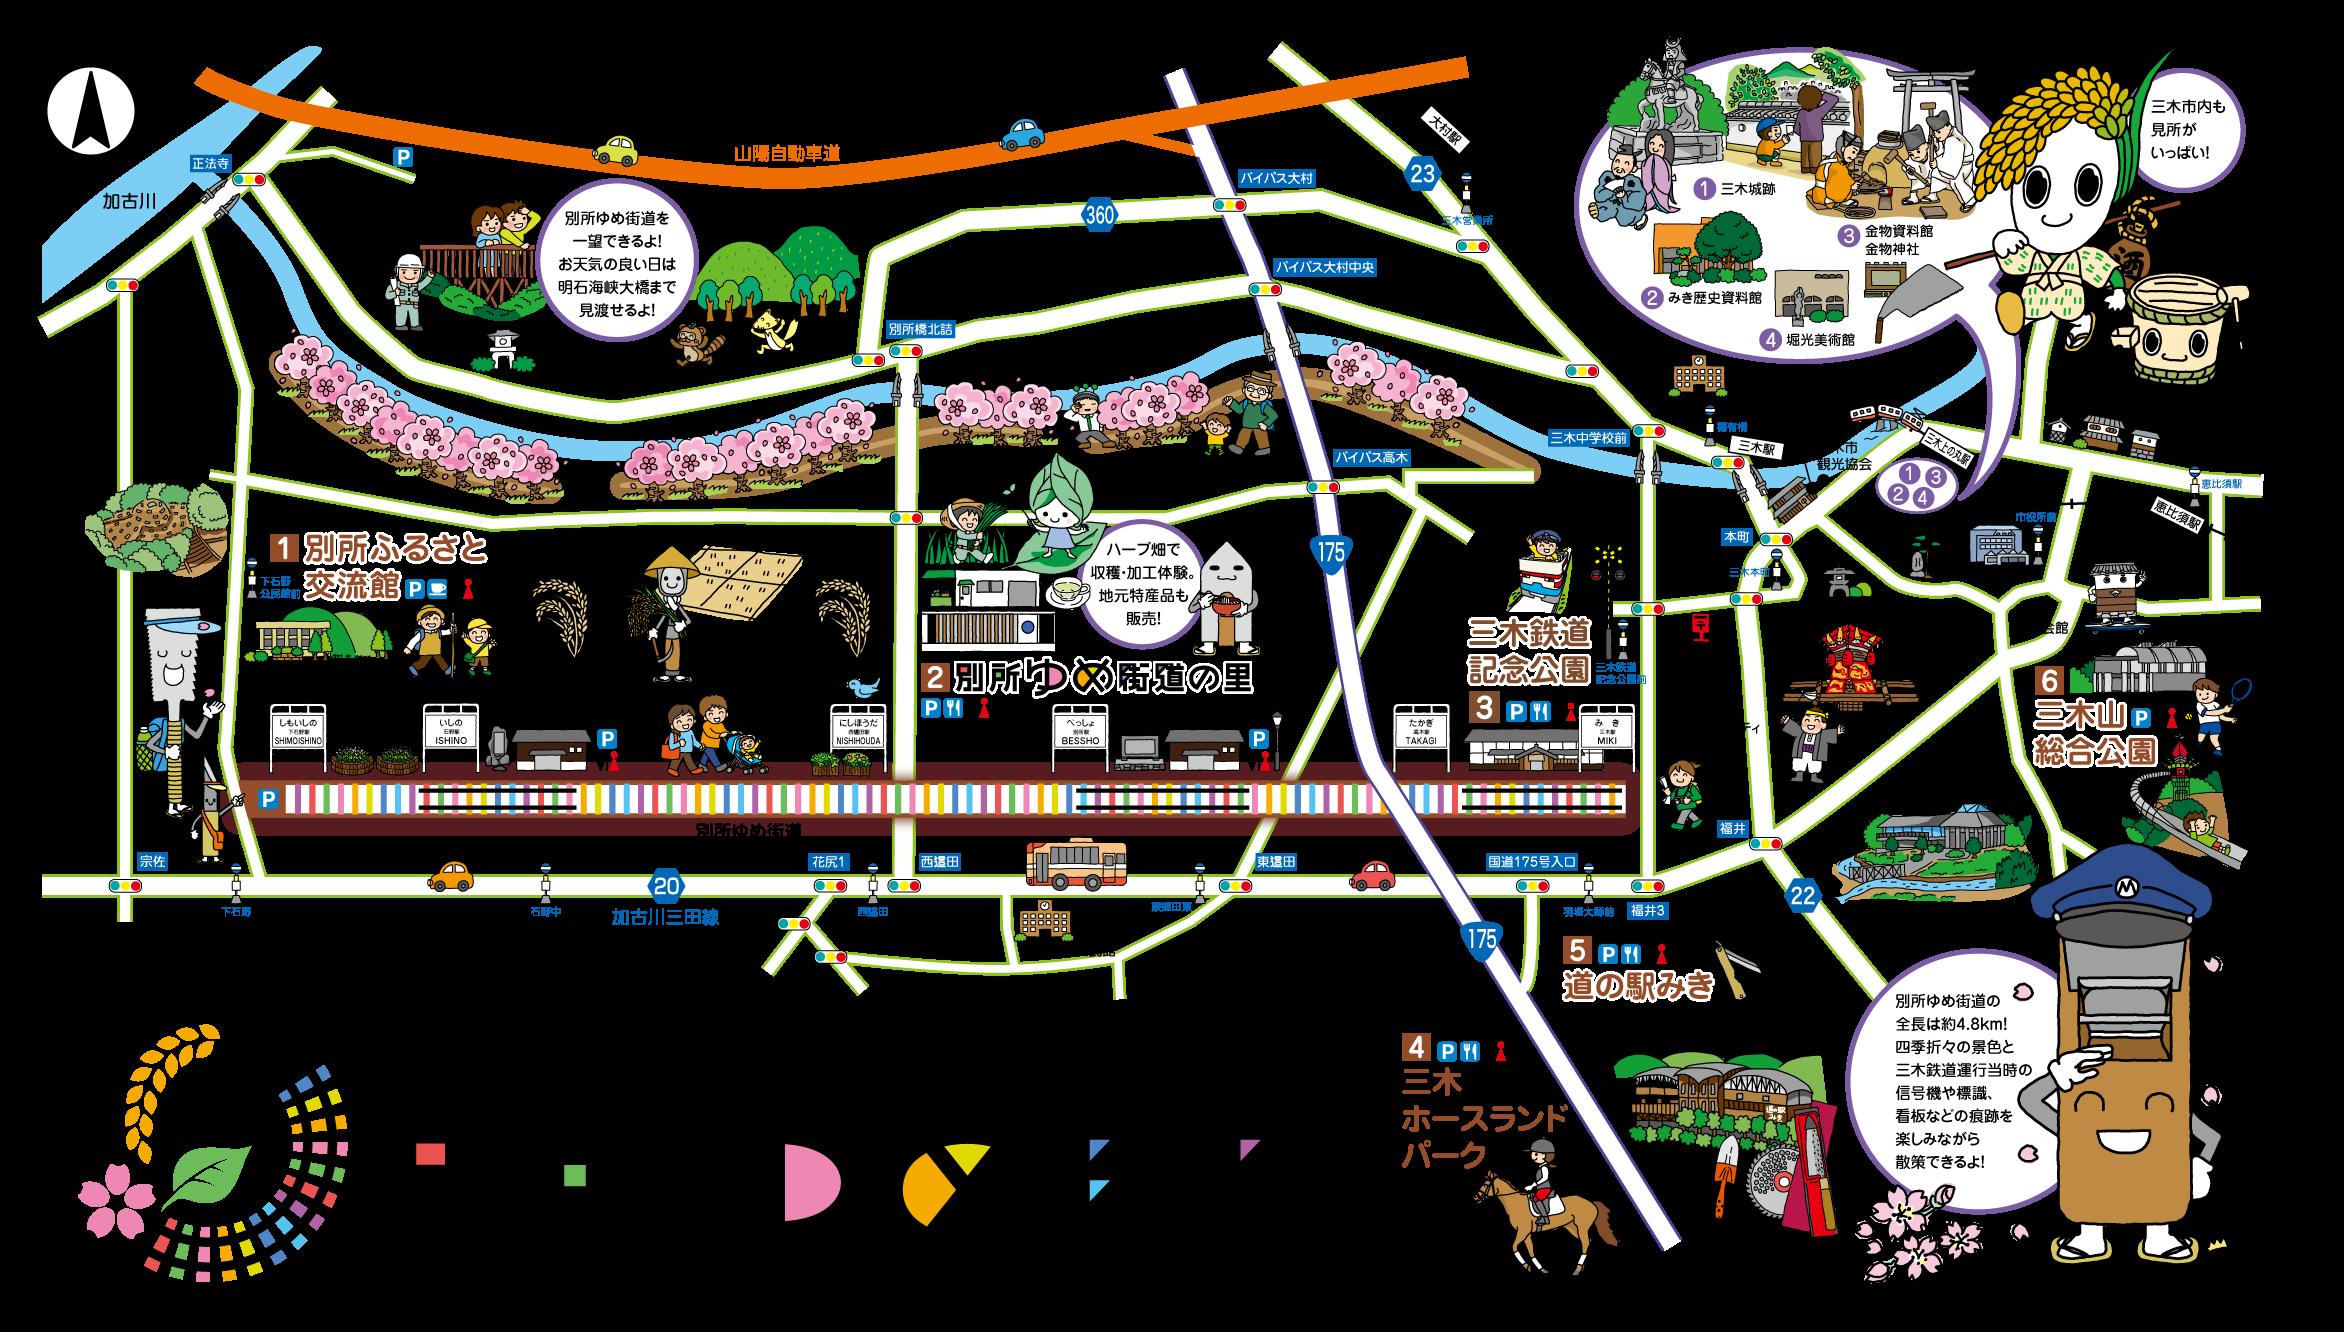 別所ゆめ街道マップ